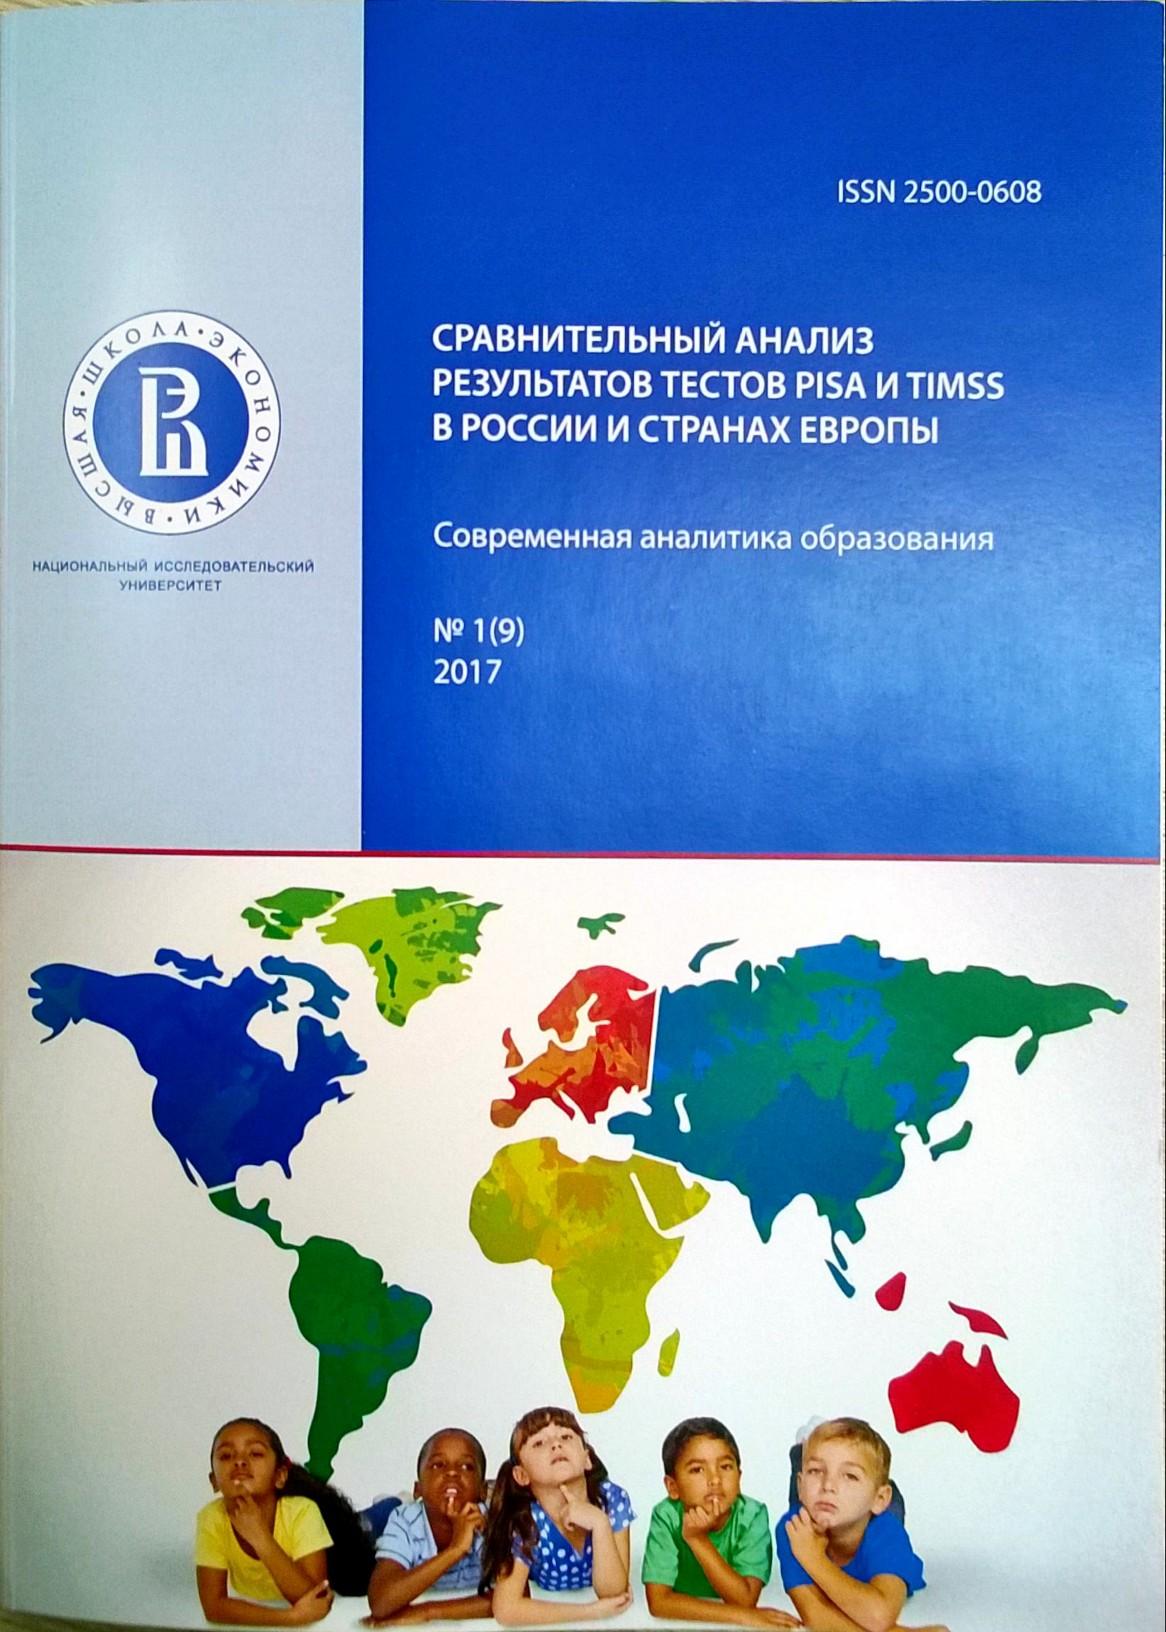 Сравнительный анализ результатов тестов PISA и TIMSS в России и странах Европы